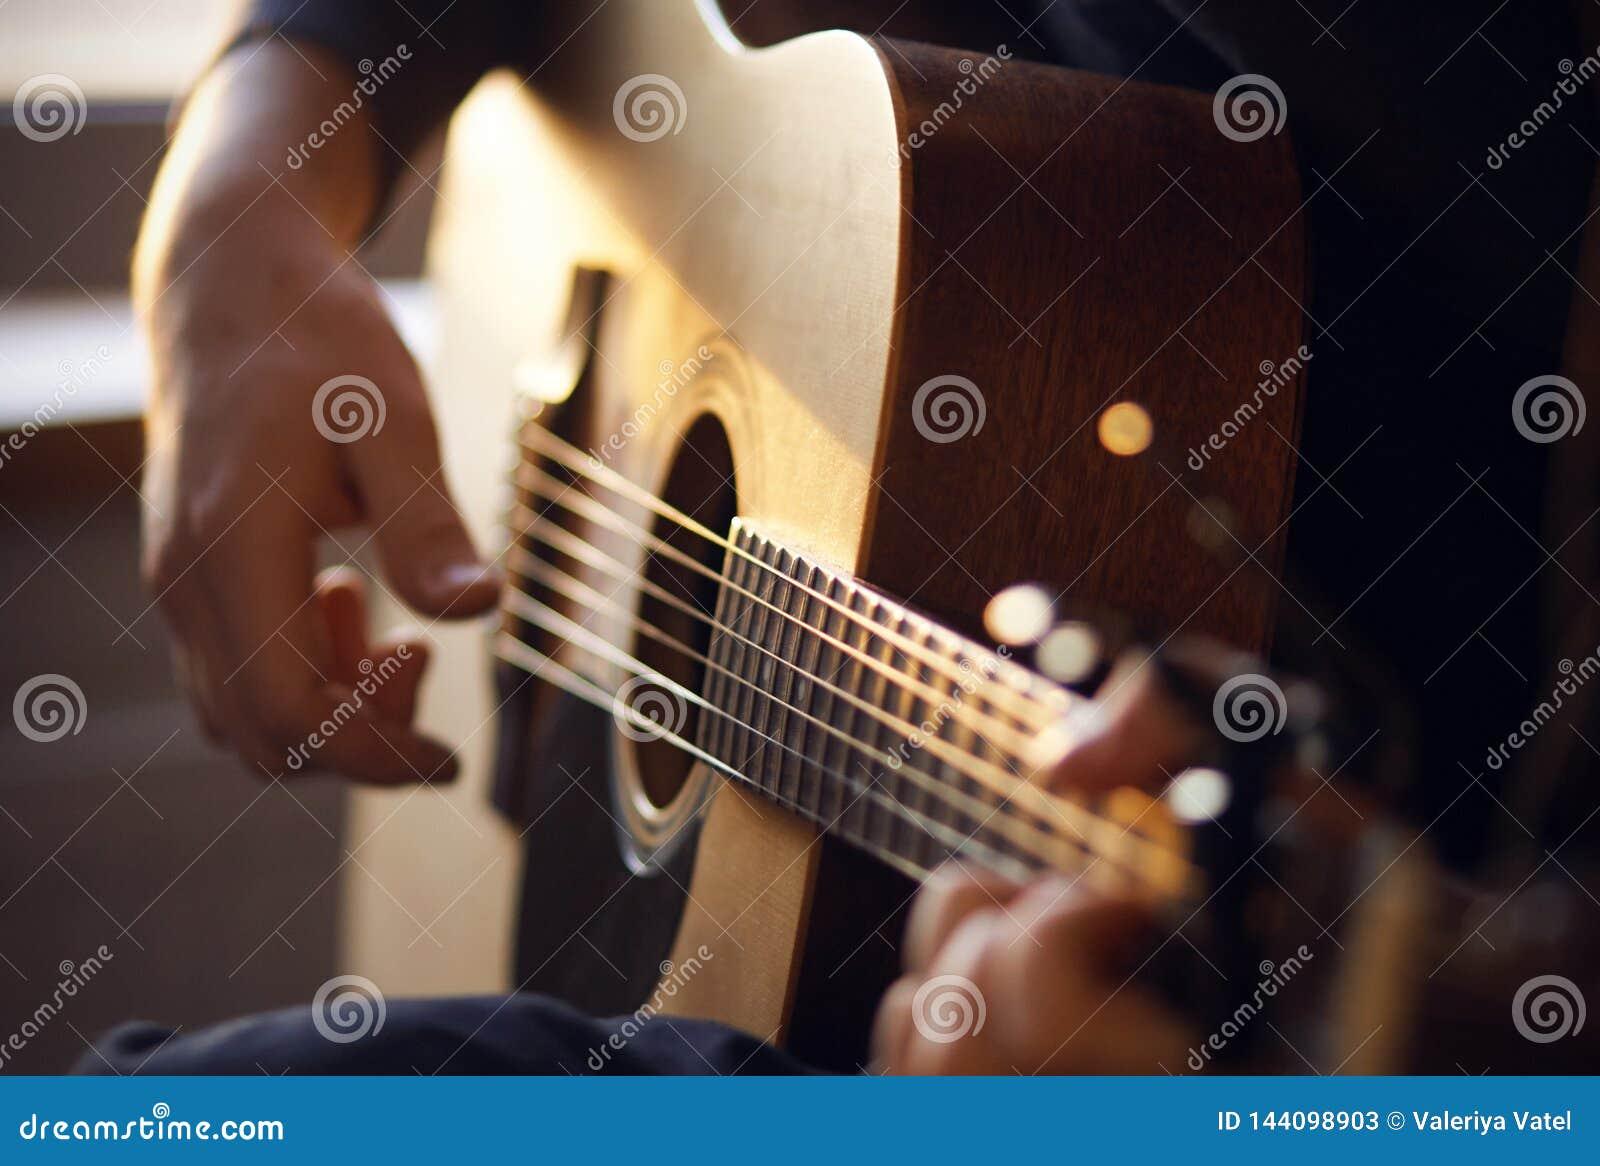 Το φως του ήλιου φωτίζει τον κιθαρίστα, που παίζει μια μελωδία σε μια κιθάρα